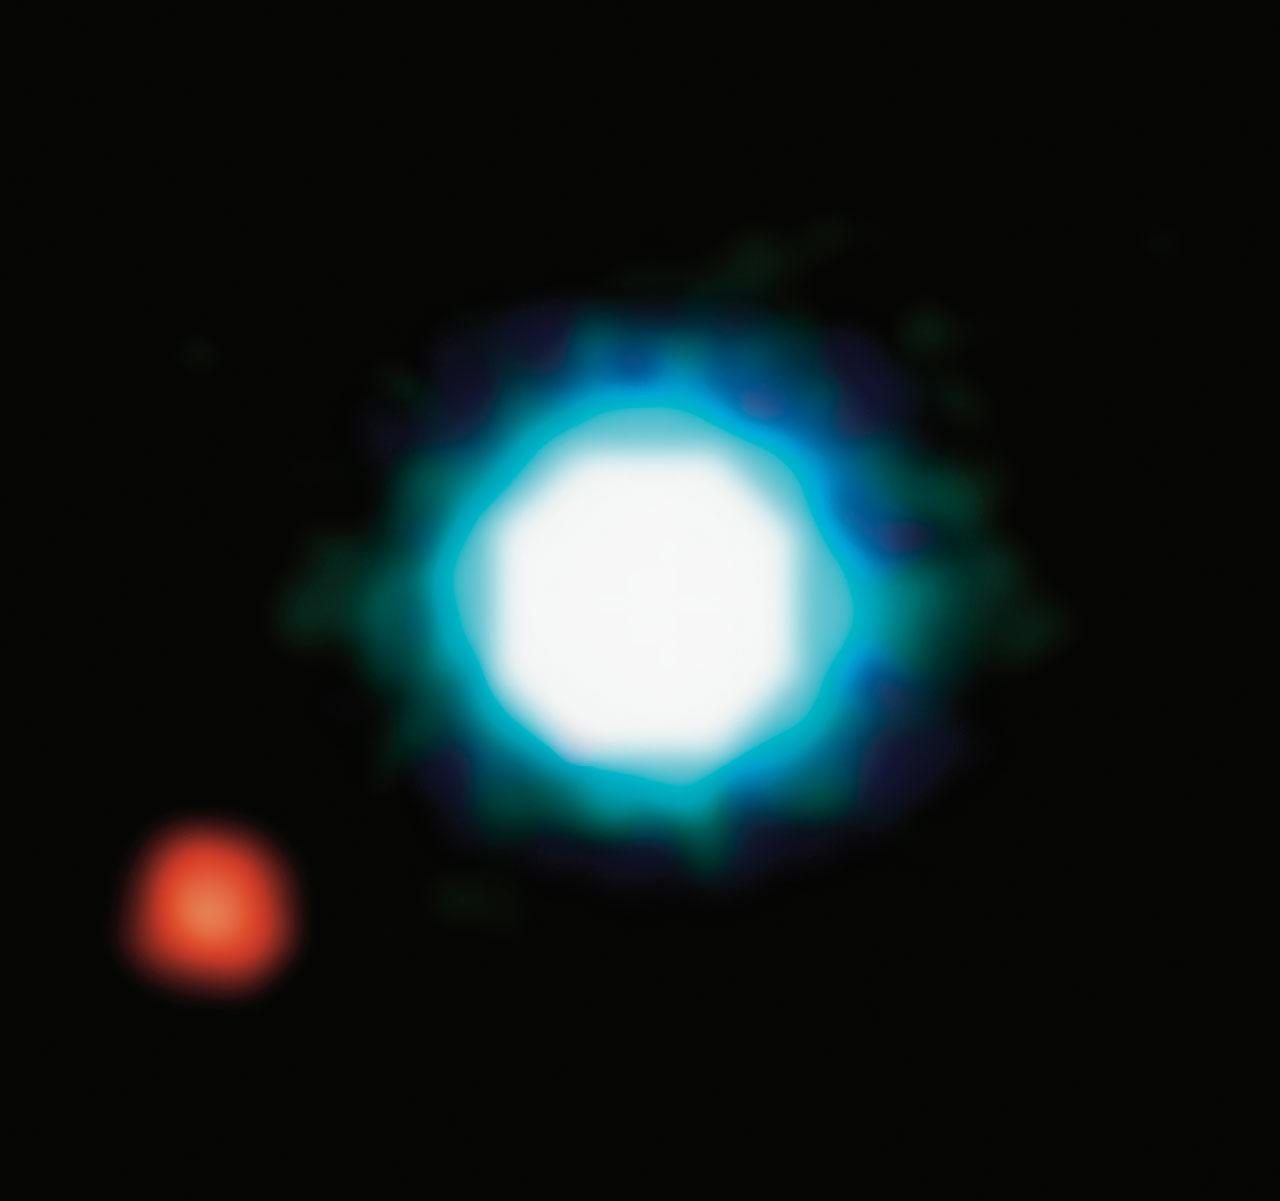 Première image d'une exoplanète